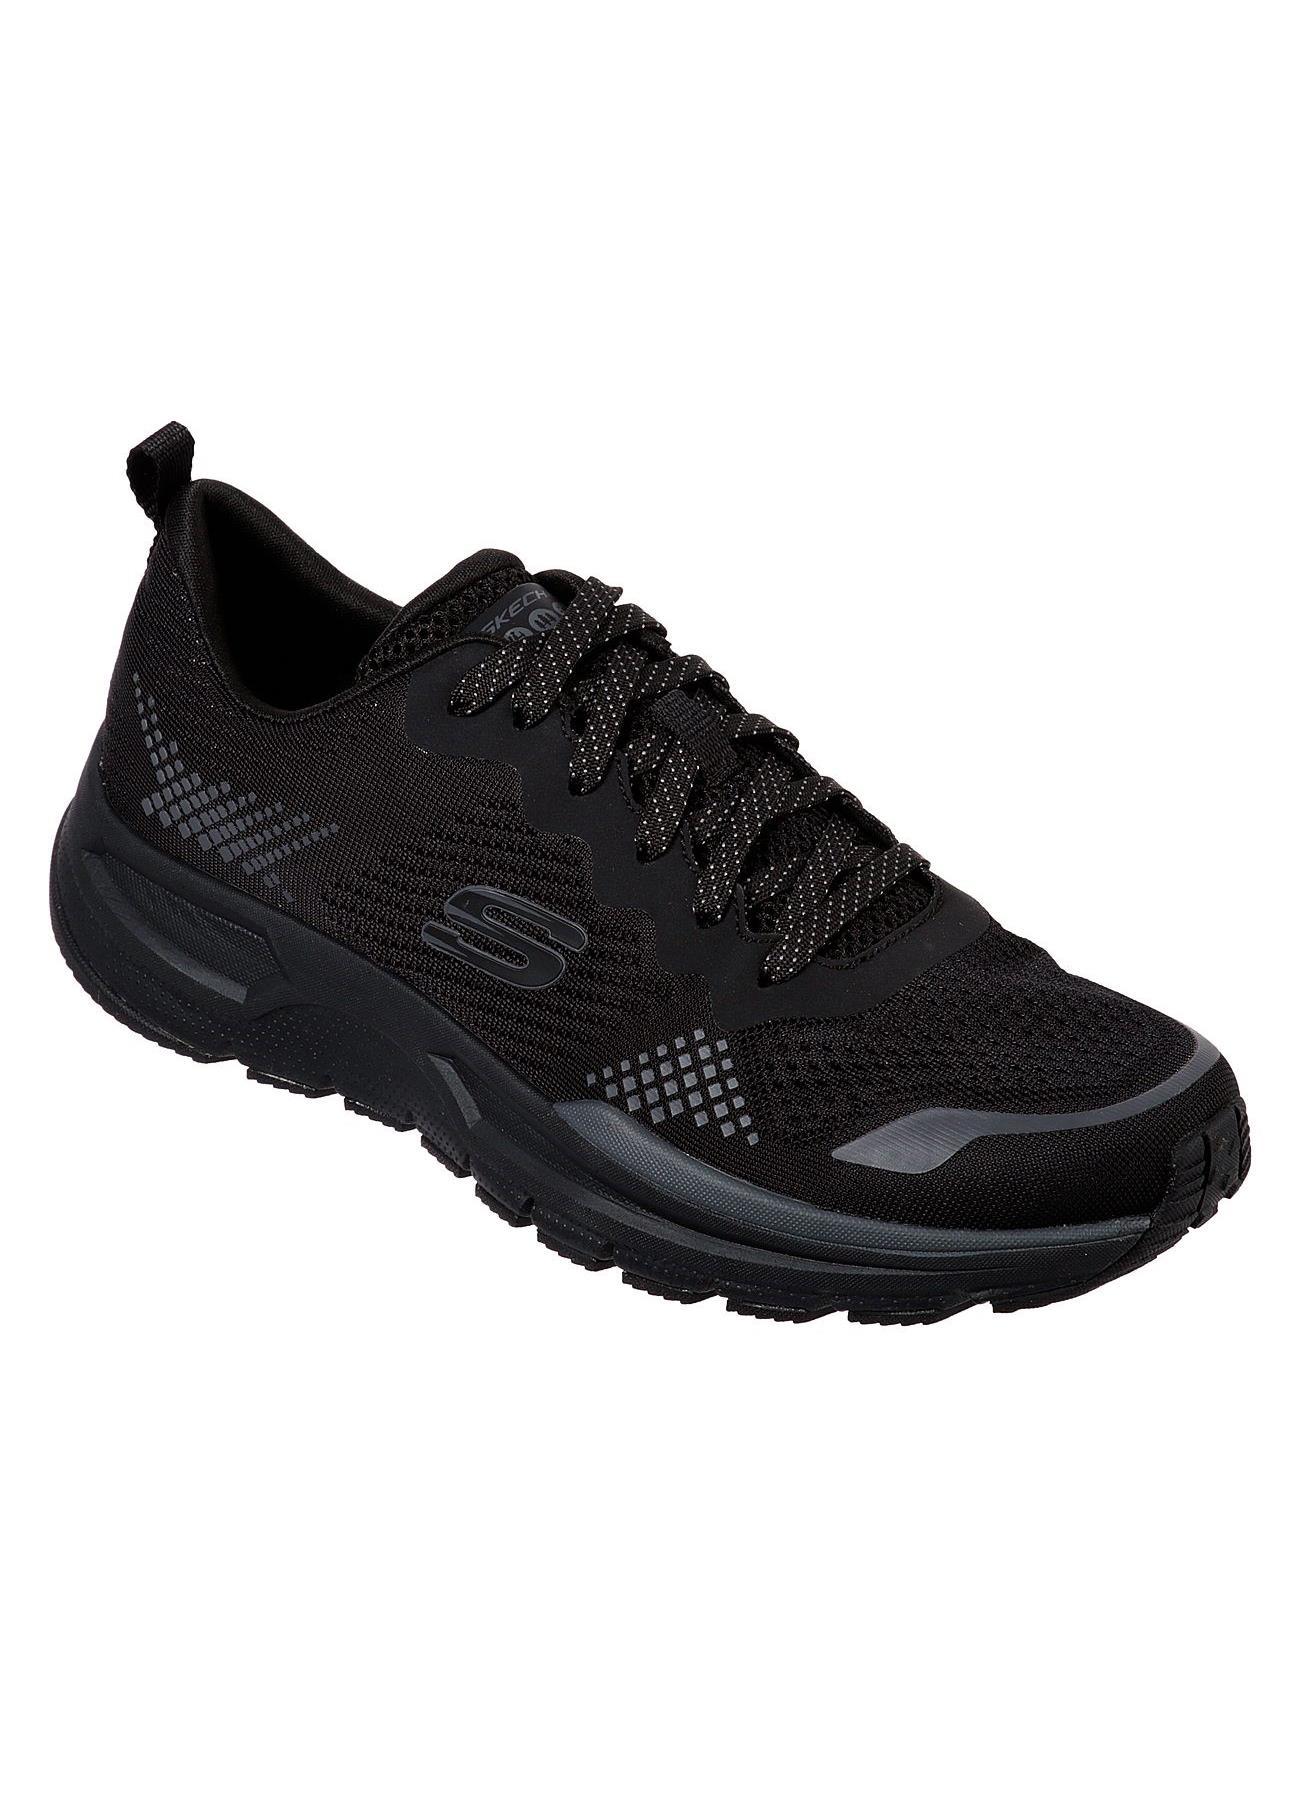 Skechers ESCAPE PLAN 2.0 Erkek Ayakkabısı SKC51953 BBK